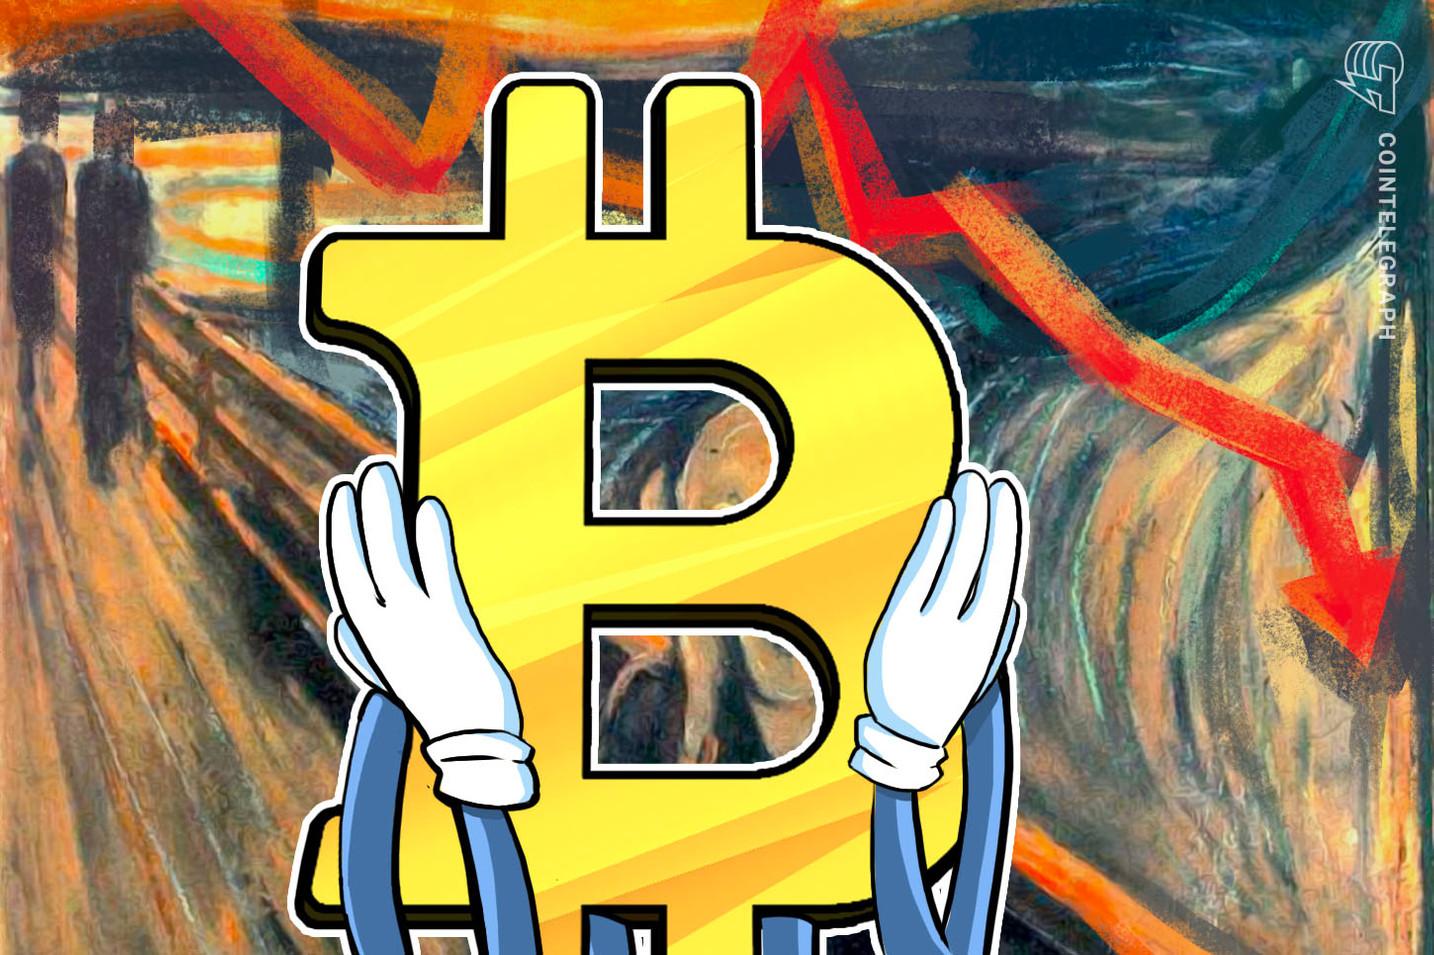 Tarihsel olarak düşük spot hacimler ve yatırımcı kararsızlığı Bitcoin fiyatına ağırlık veriyor